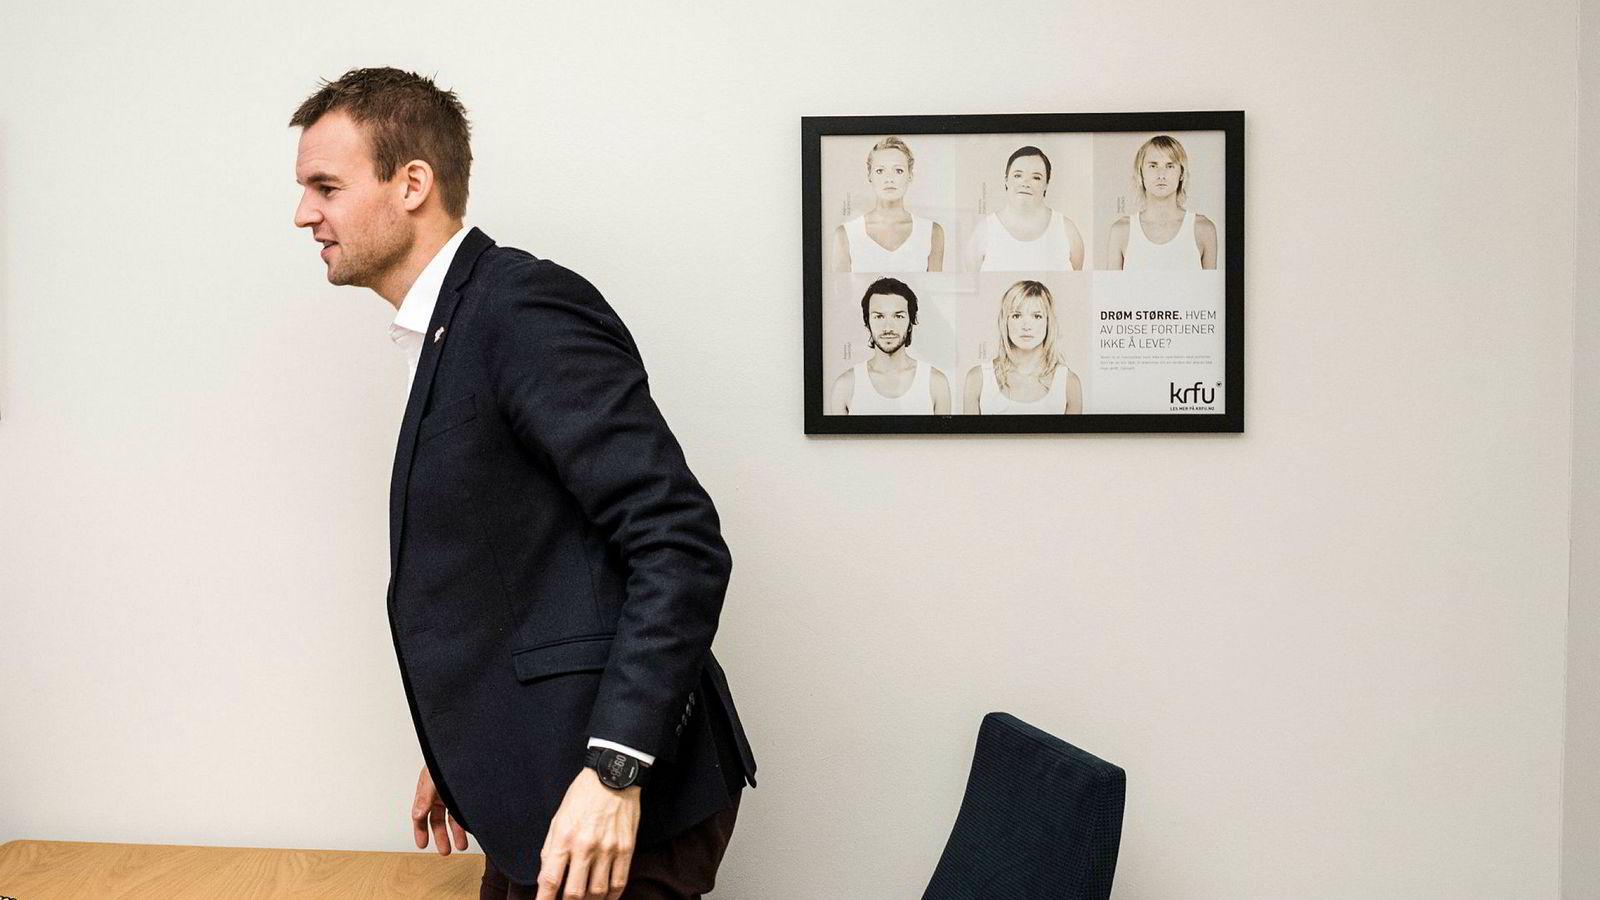 KrF-nestleder Kjell Ingolf Ropstad på kontoret på Stortinget. På veggen henger en KrFU-plakat mot sorteringssamfunnet.